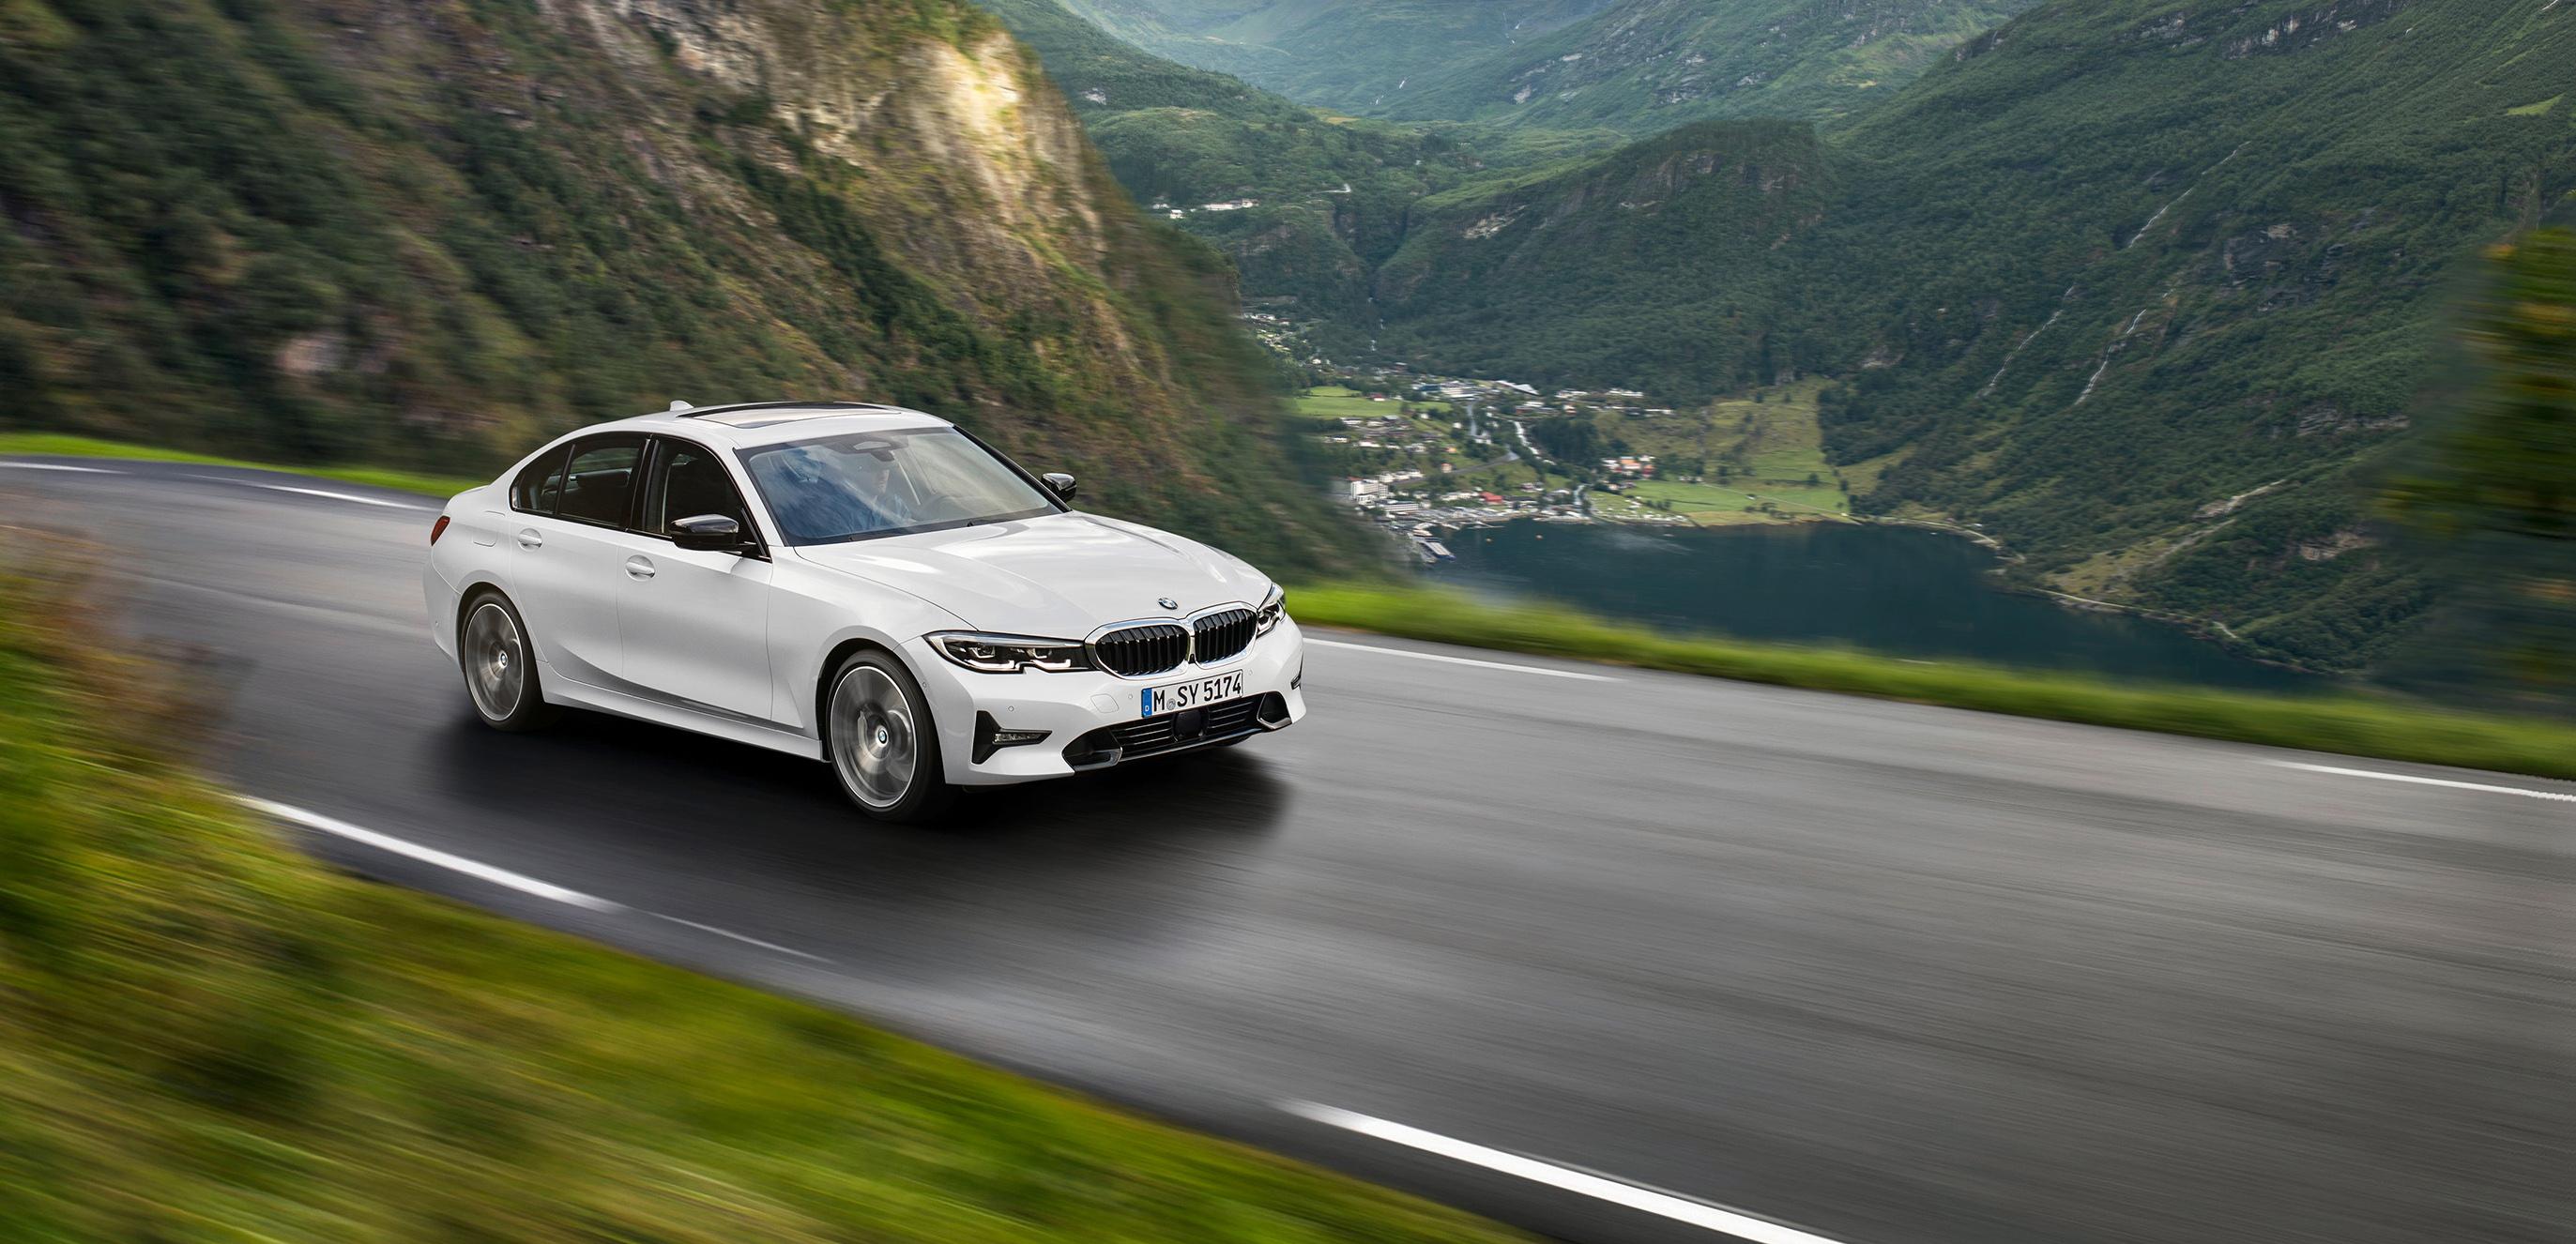 CARWIDE BMW SERIE 3